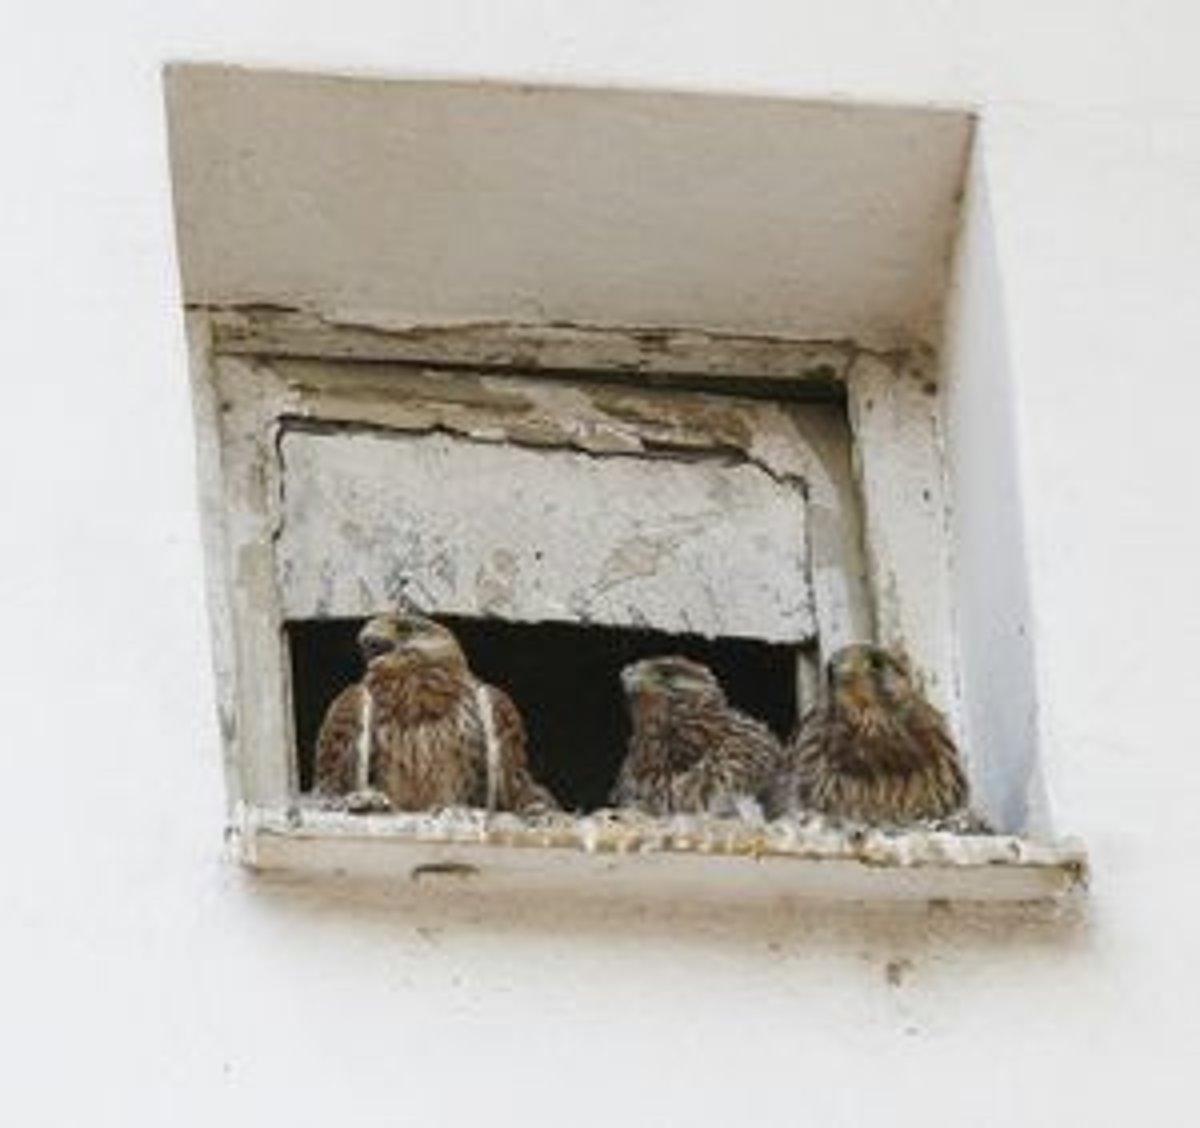 mladé dievčatá s veľkými vtákmi